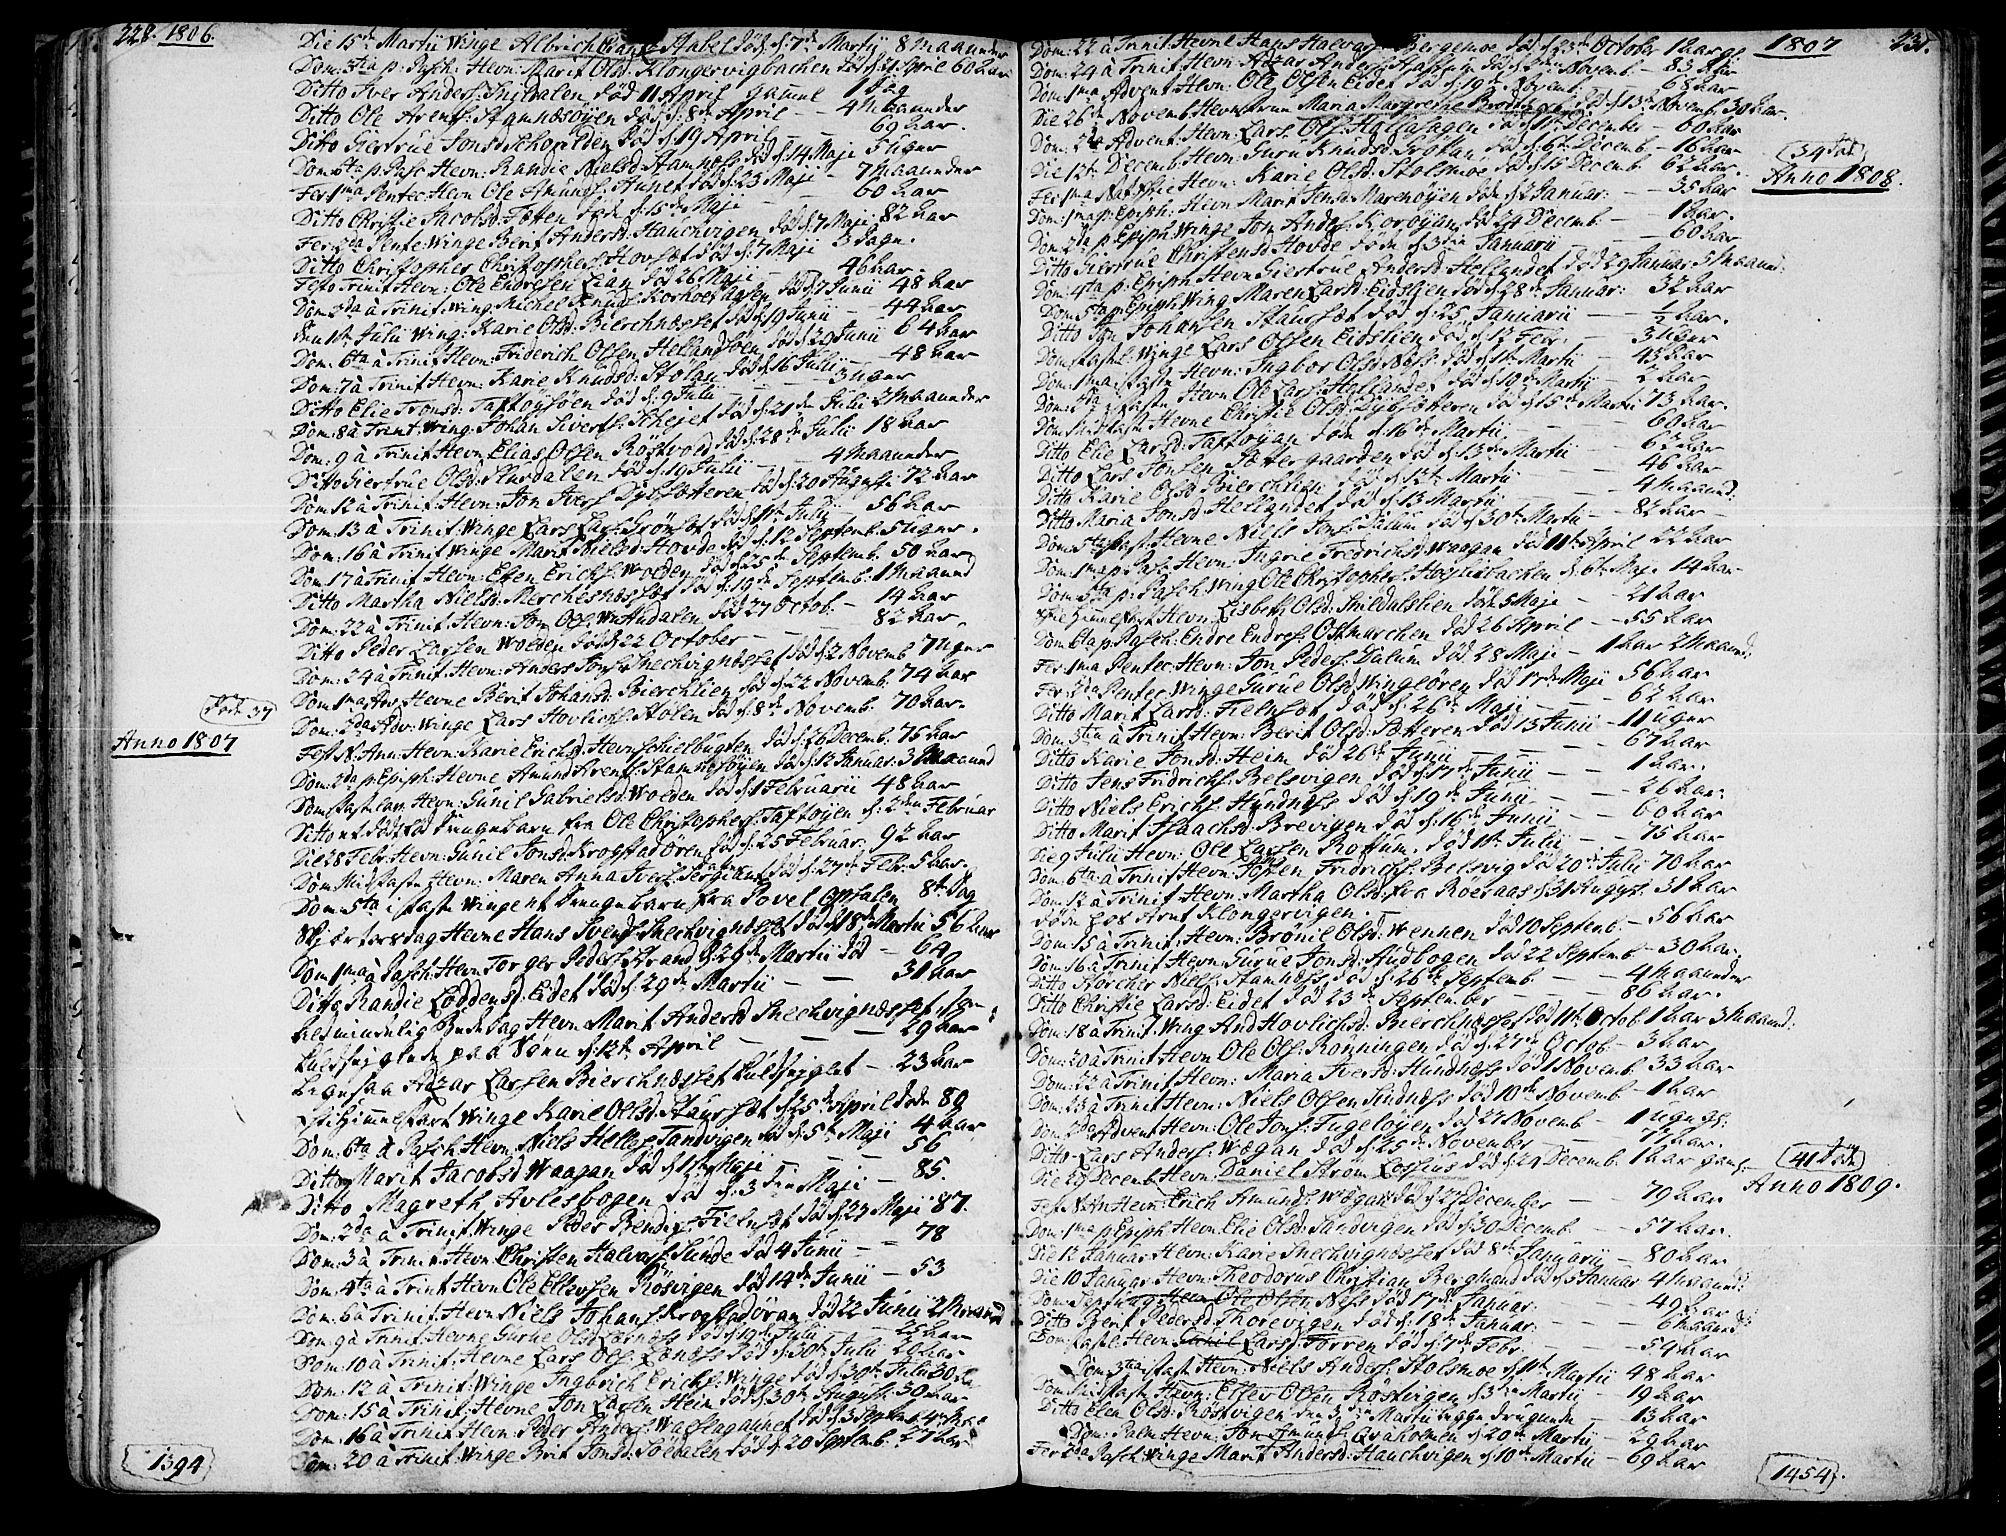 SAT, Ministerialprotokoller, klokkerbøker og fødselsregistre - Sør-Trøndelag, 630/L0490: Ministerialbok nr. 630A03, 1795-1818, s. 230-231